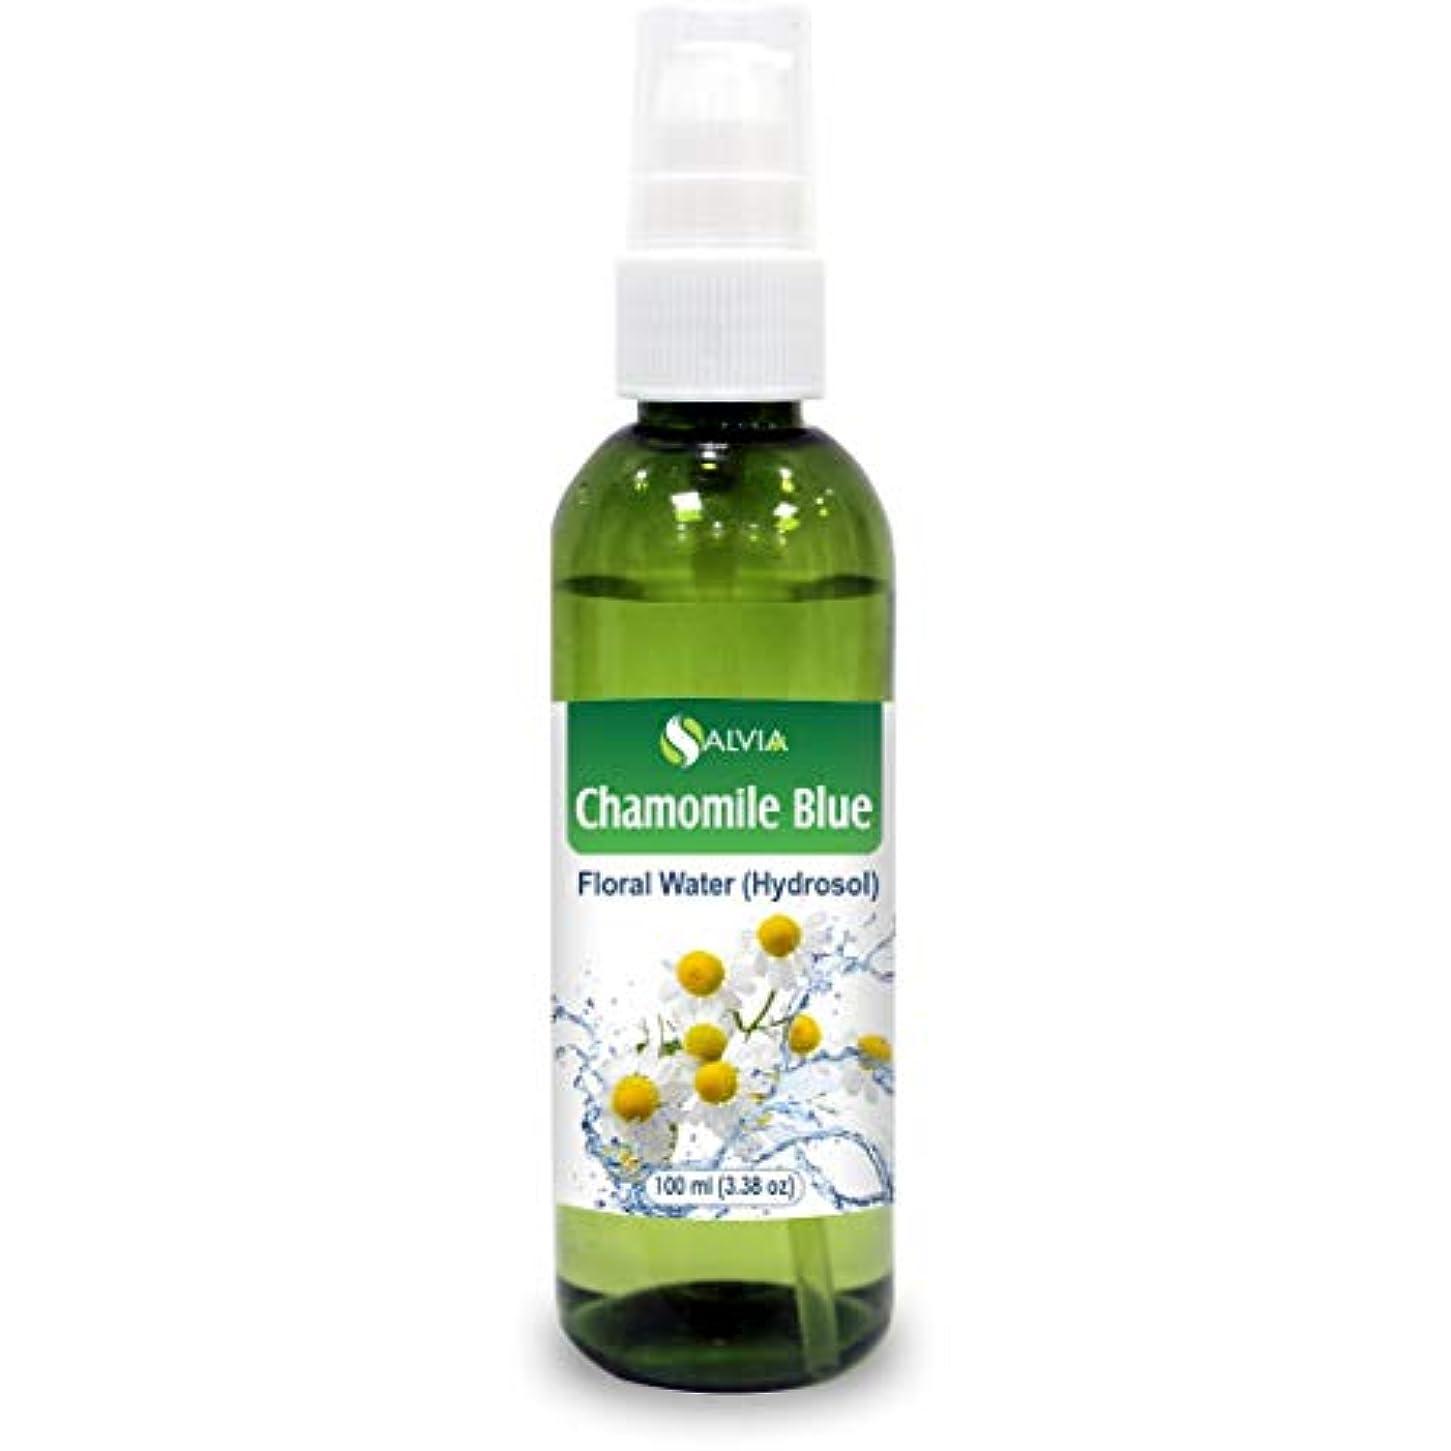 繁栄するマウントバンク稼ぐChamomile Oil, Blue Floral Water 100ml (Hydrosol) 100% Pure And Natural